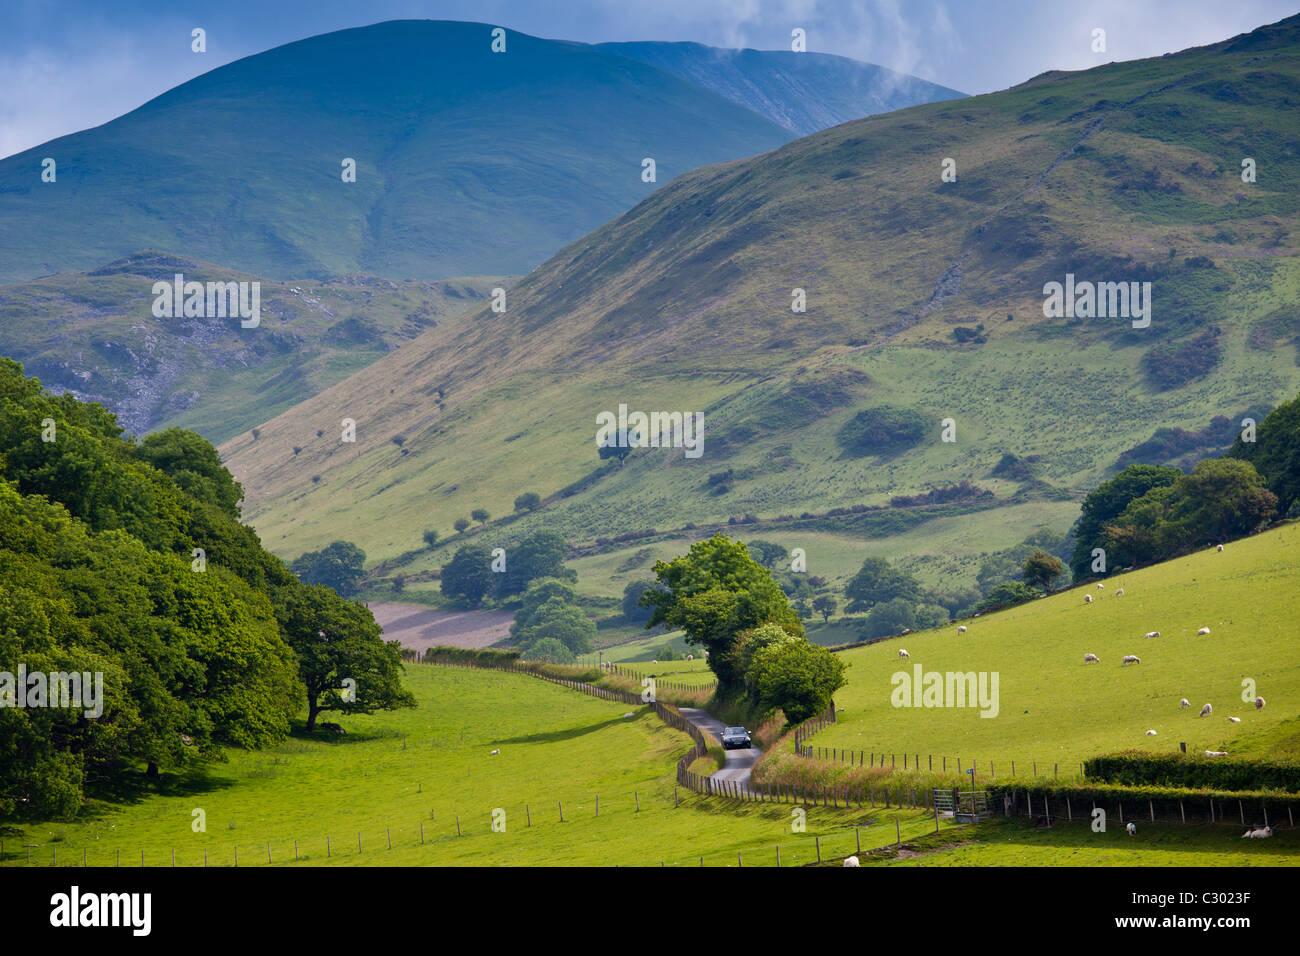 Automobilismo auto lungo la tortuosa strada attraverso la pittoresca valle a Llanfihangel, Snowdonia, Gwynedd, Galles Immagini Stock